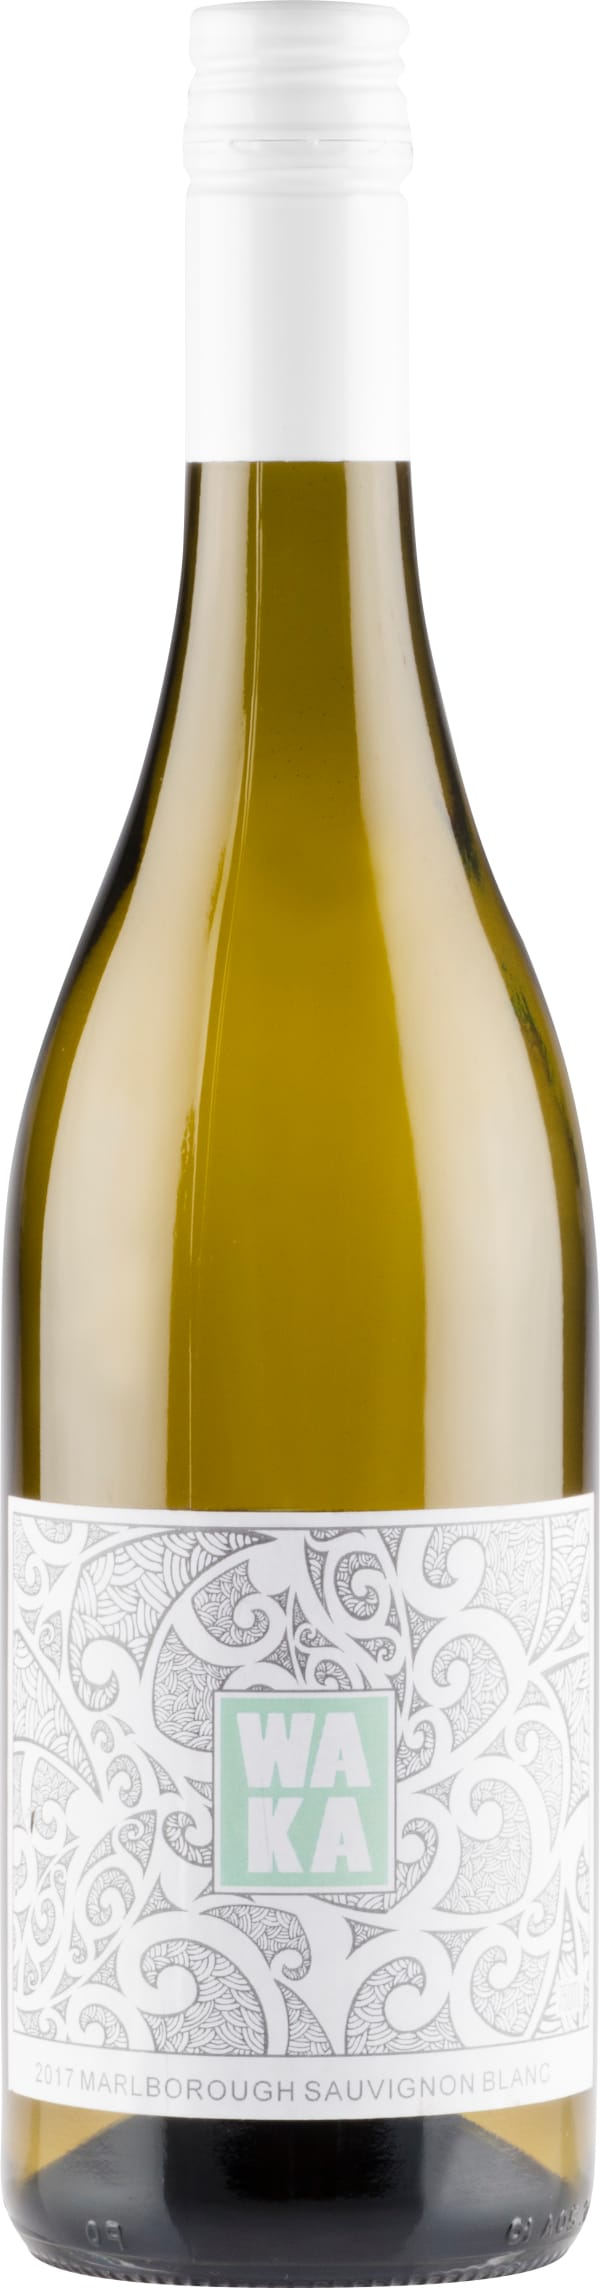 Waka Sauvignon Blanc 2018